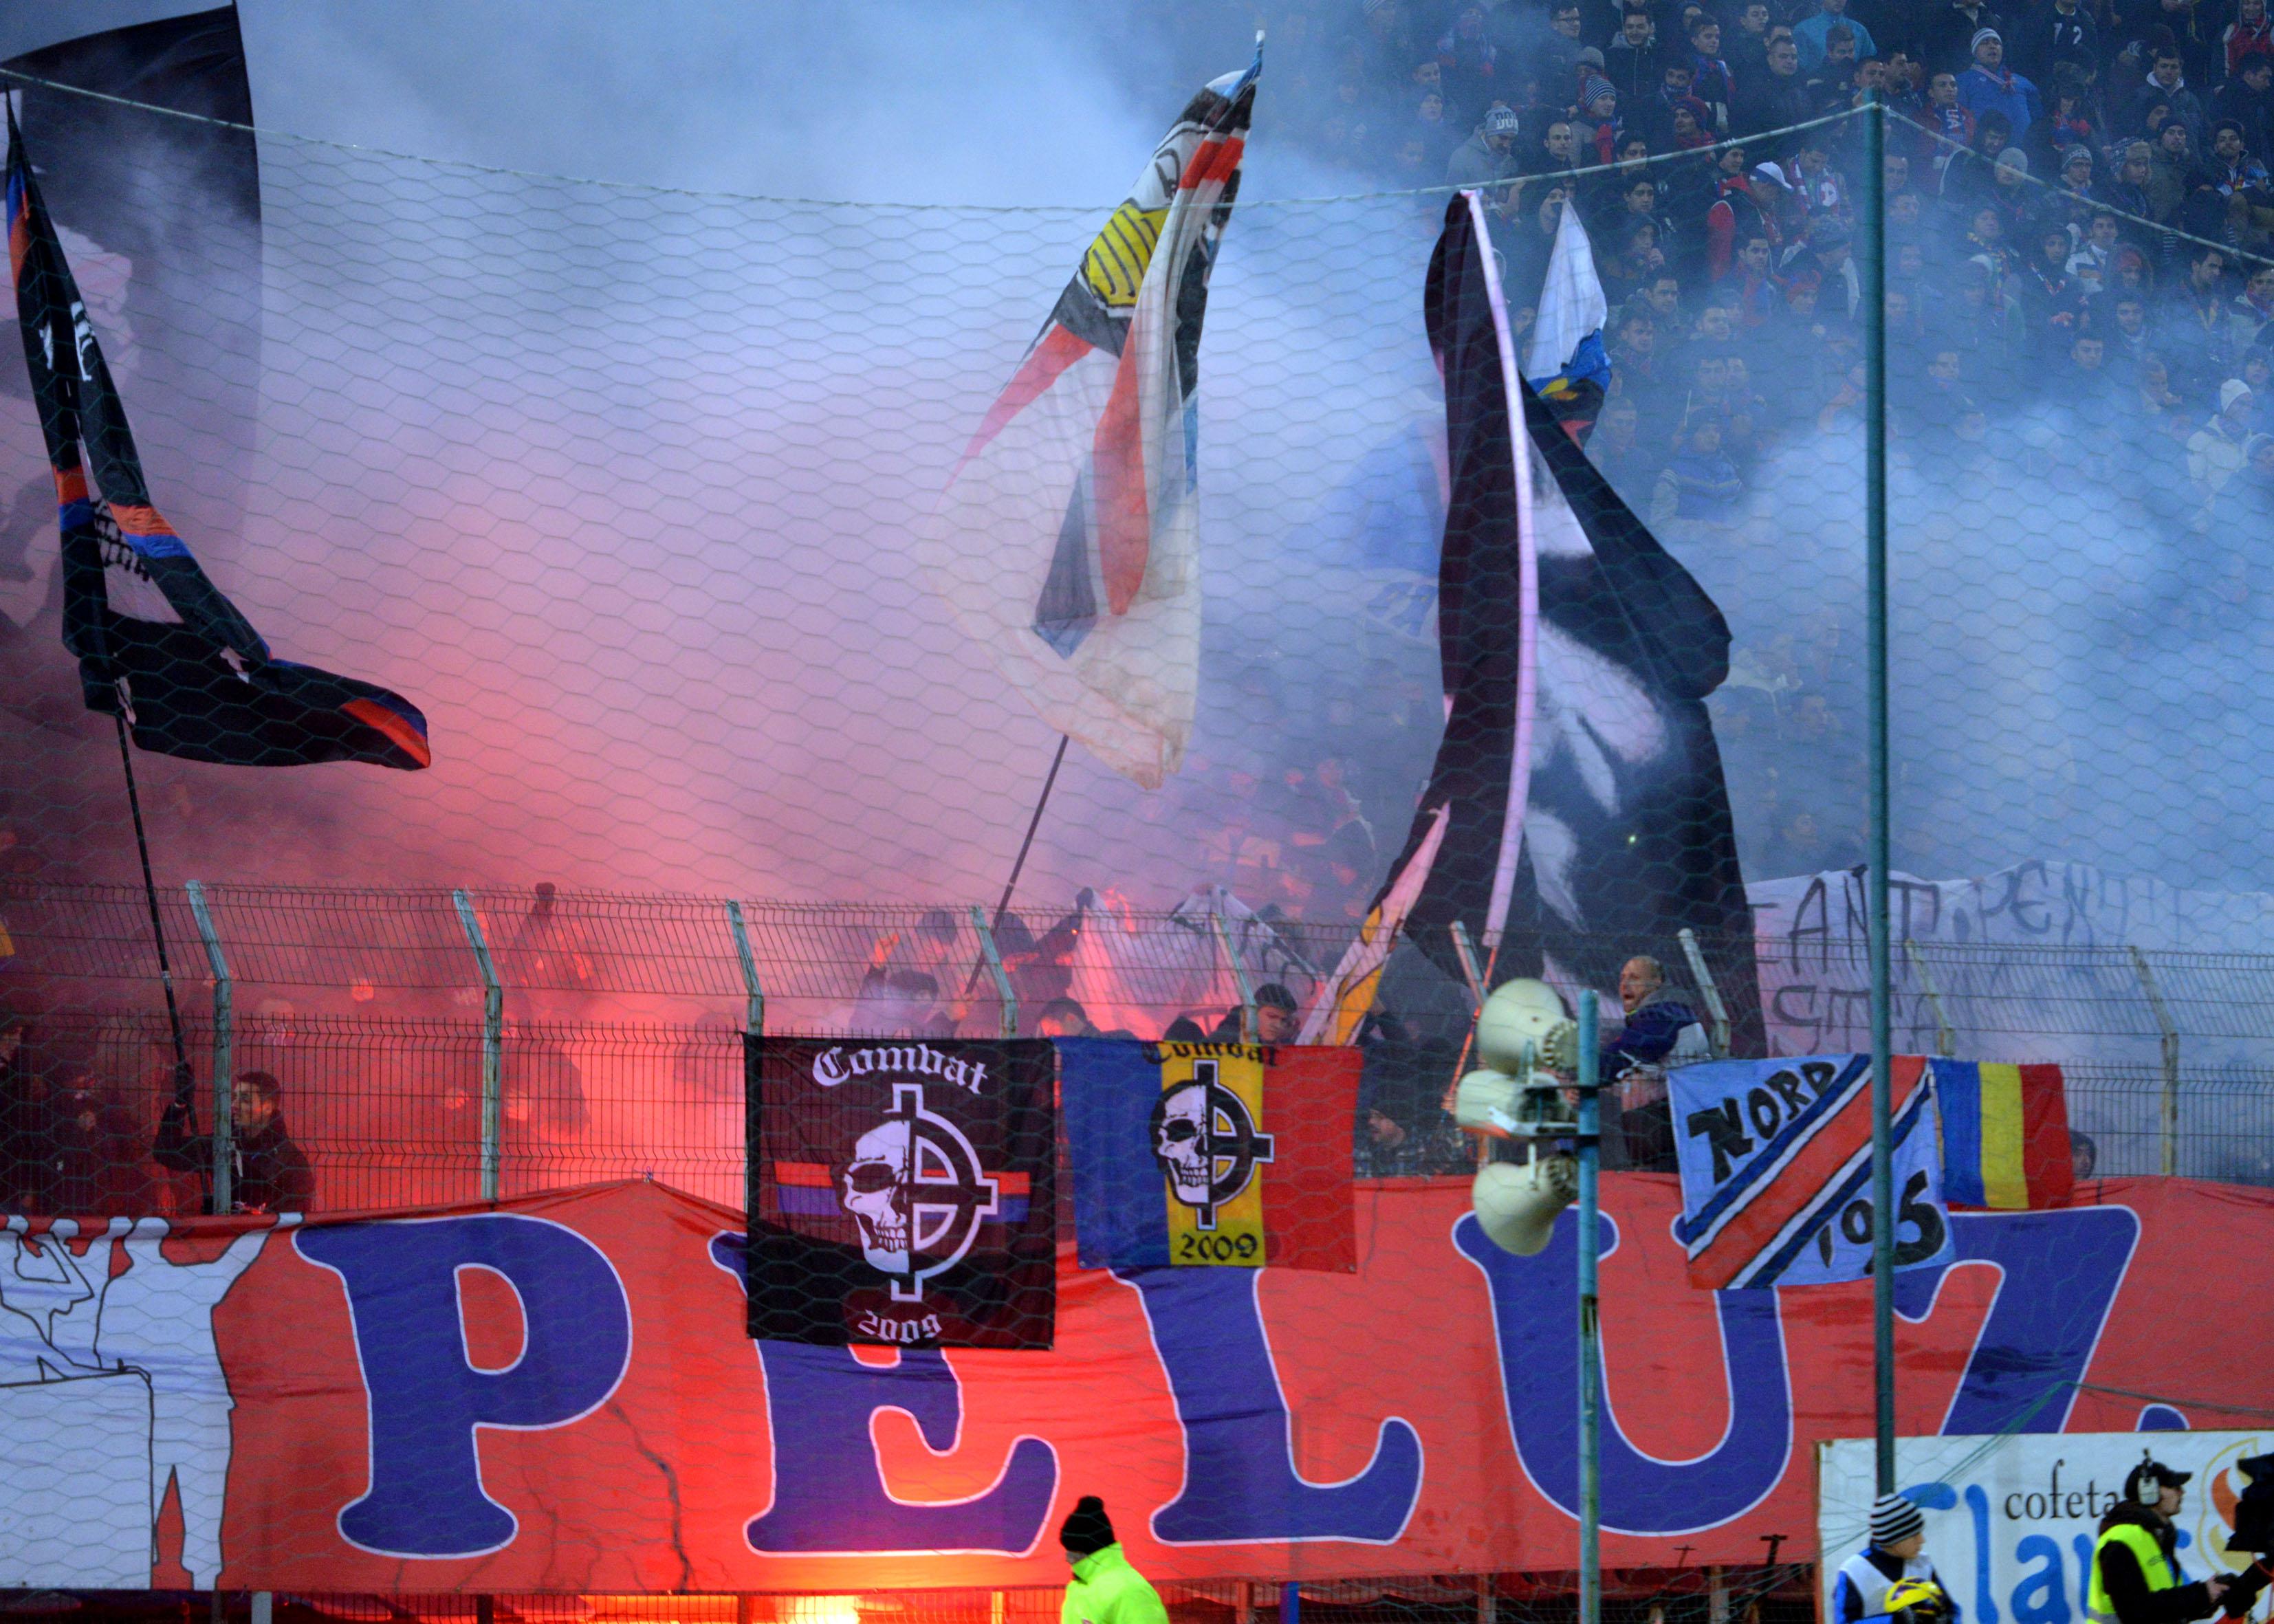 Peluza Nord revine alături de FCSB! Primul meci la care va asista în formulă completă